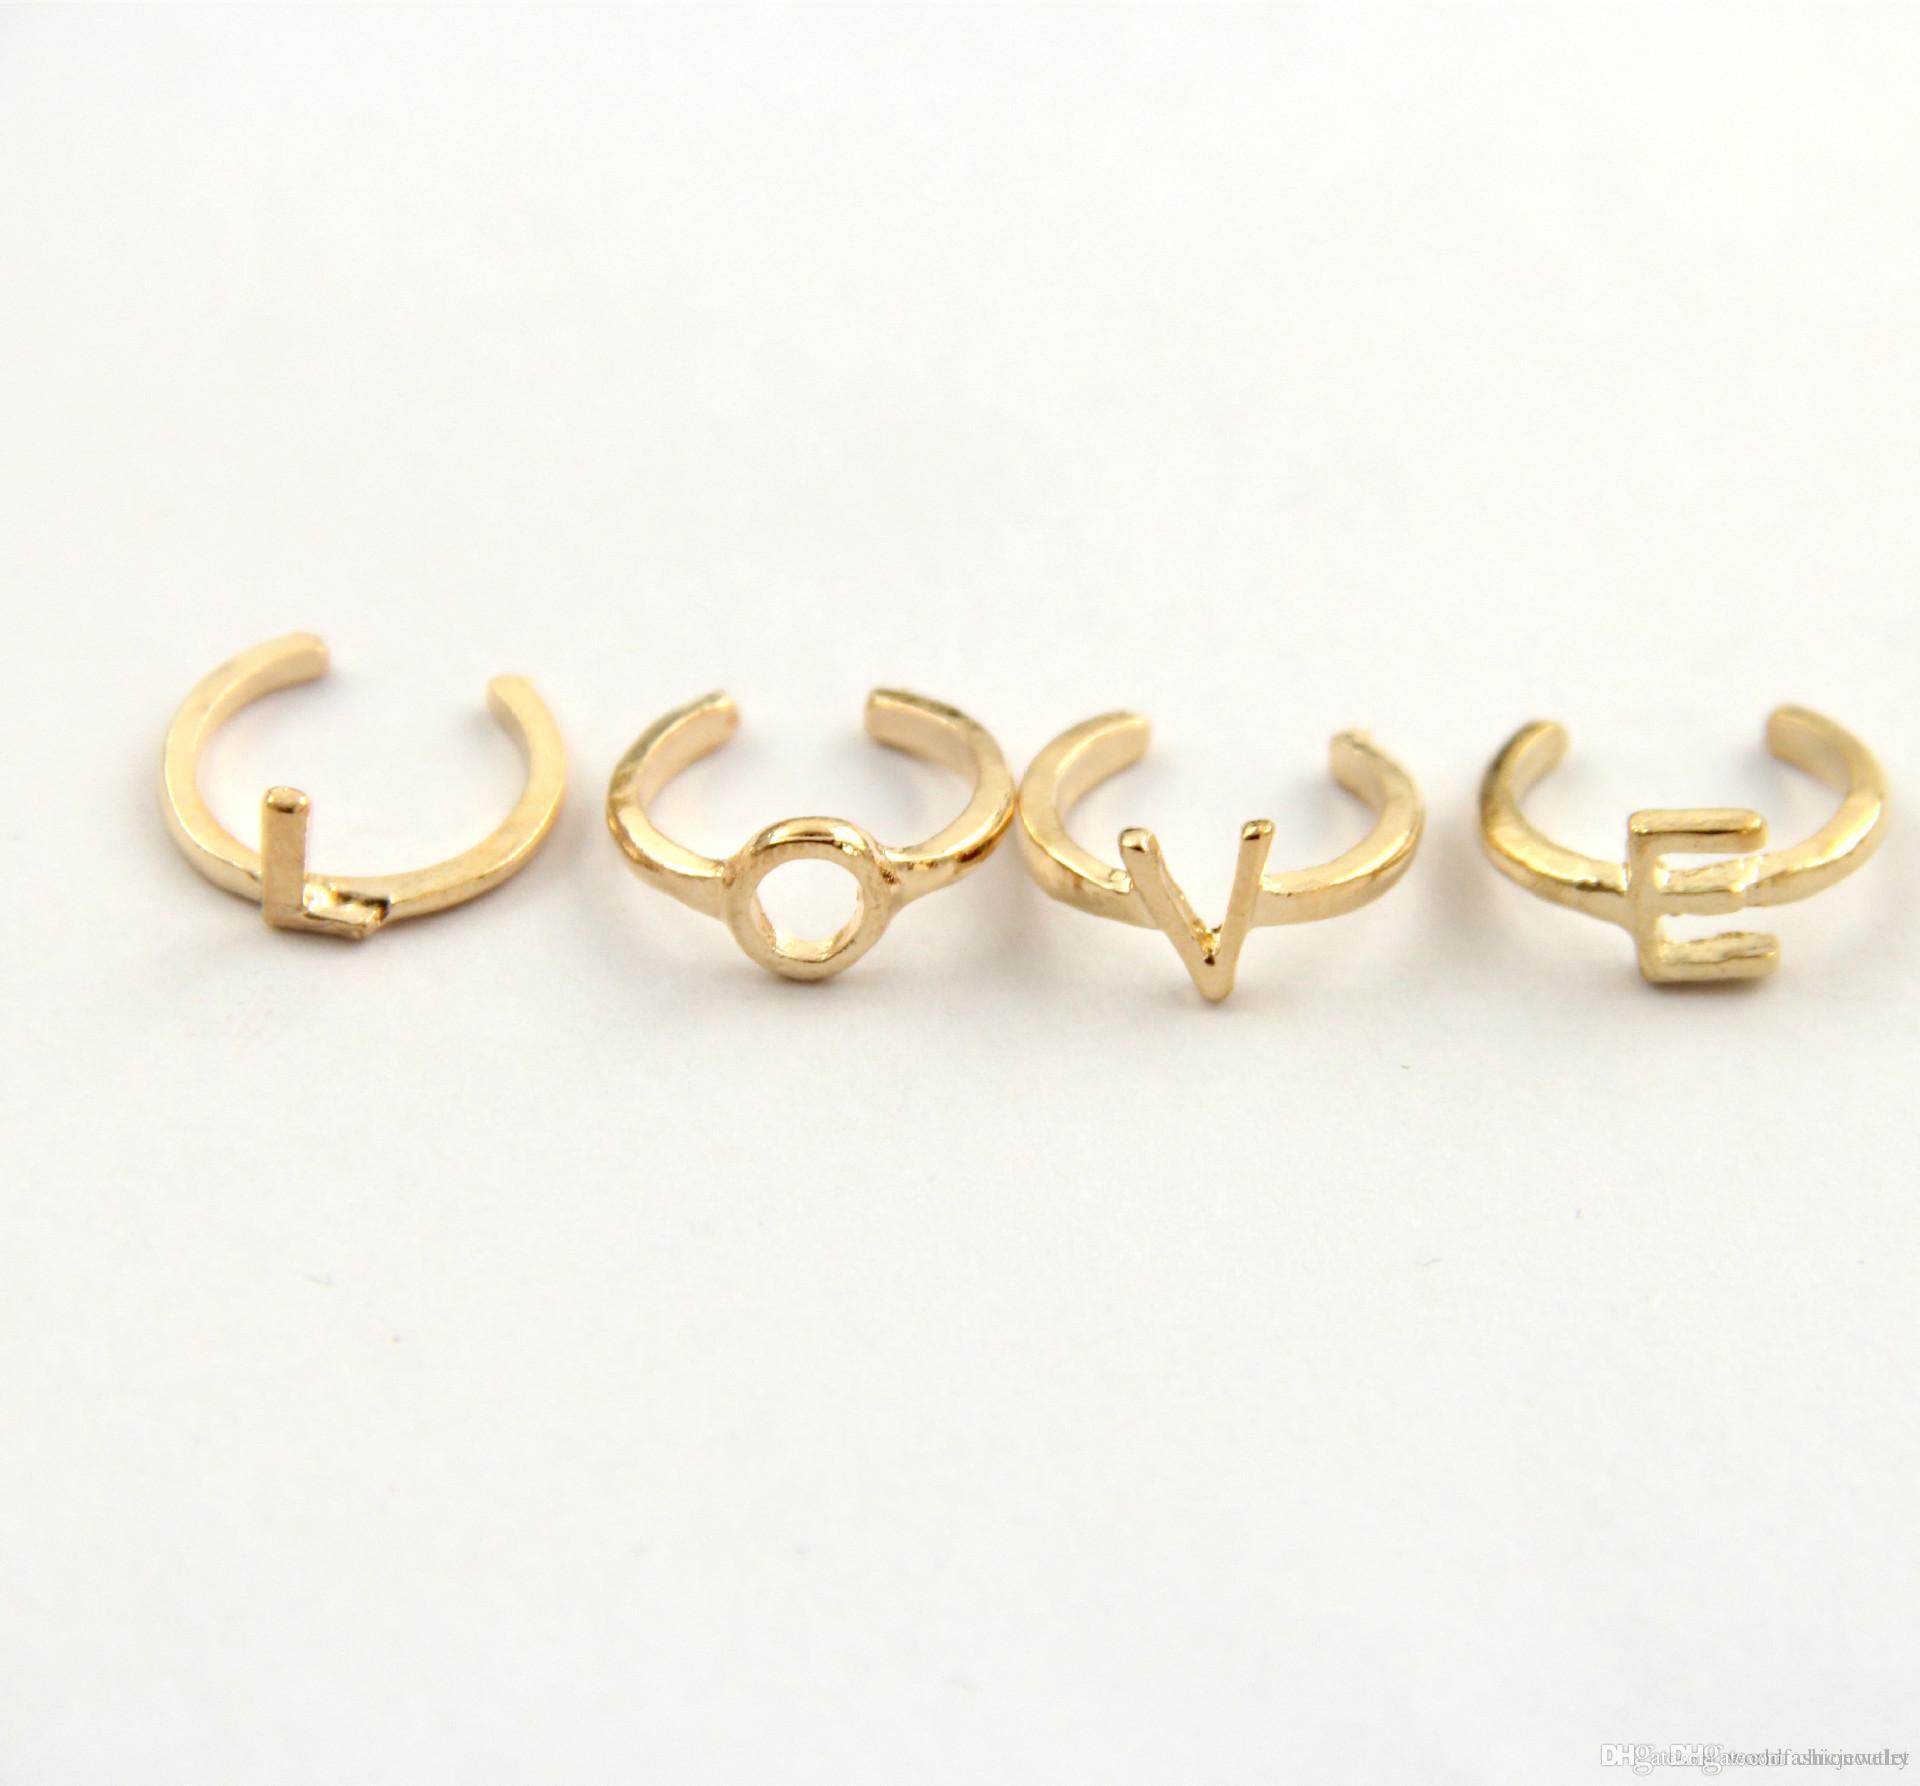 4Pcs / Set-Frauen-Partei Ringe Aufeinander Finger über Midi Tip Finger über Knöchel schellt einzigartiger Ring Set Punk LIEBE Knuckle Ring-freies Verschiffen DHL